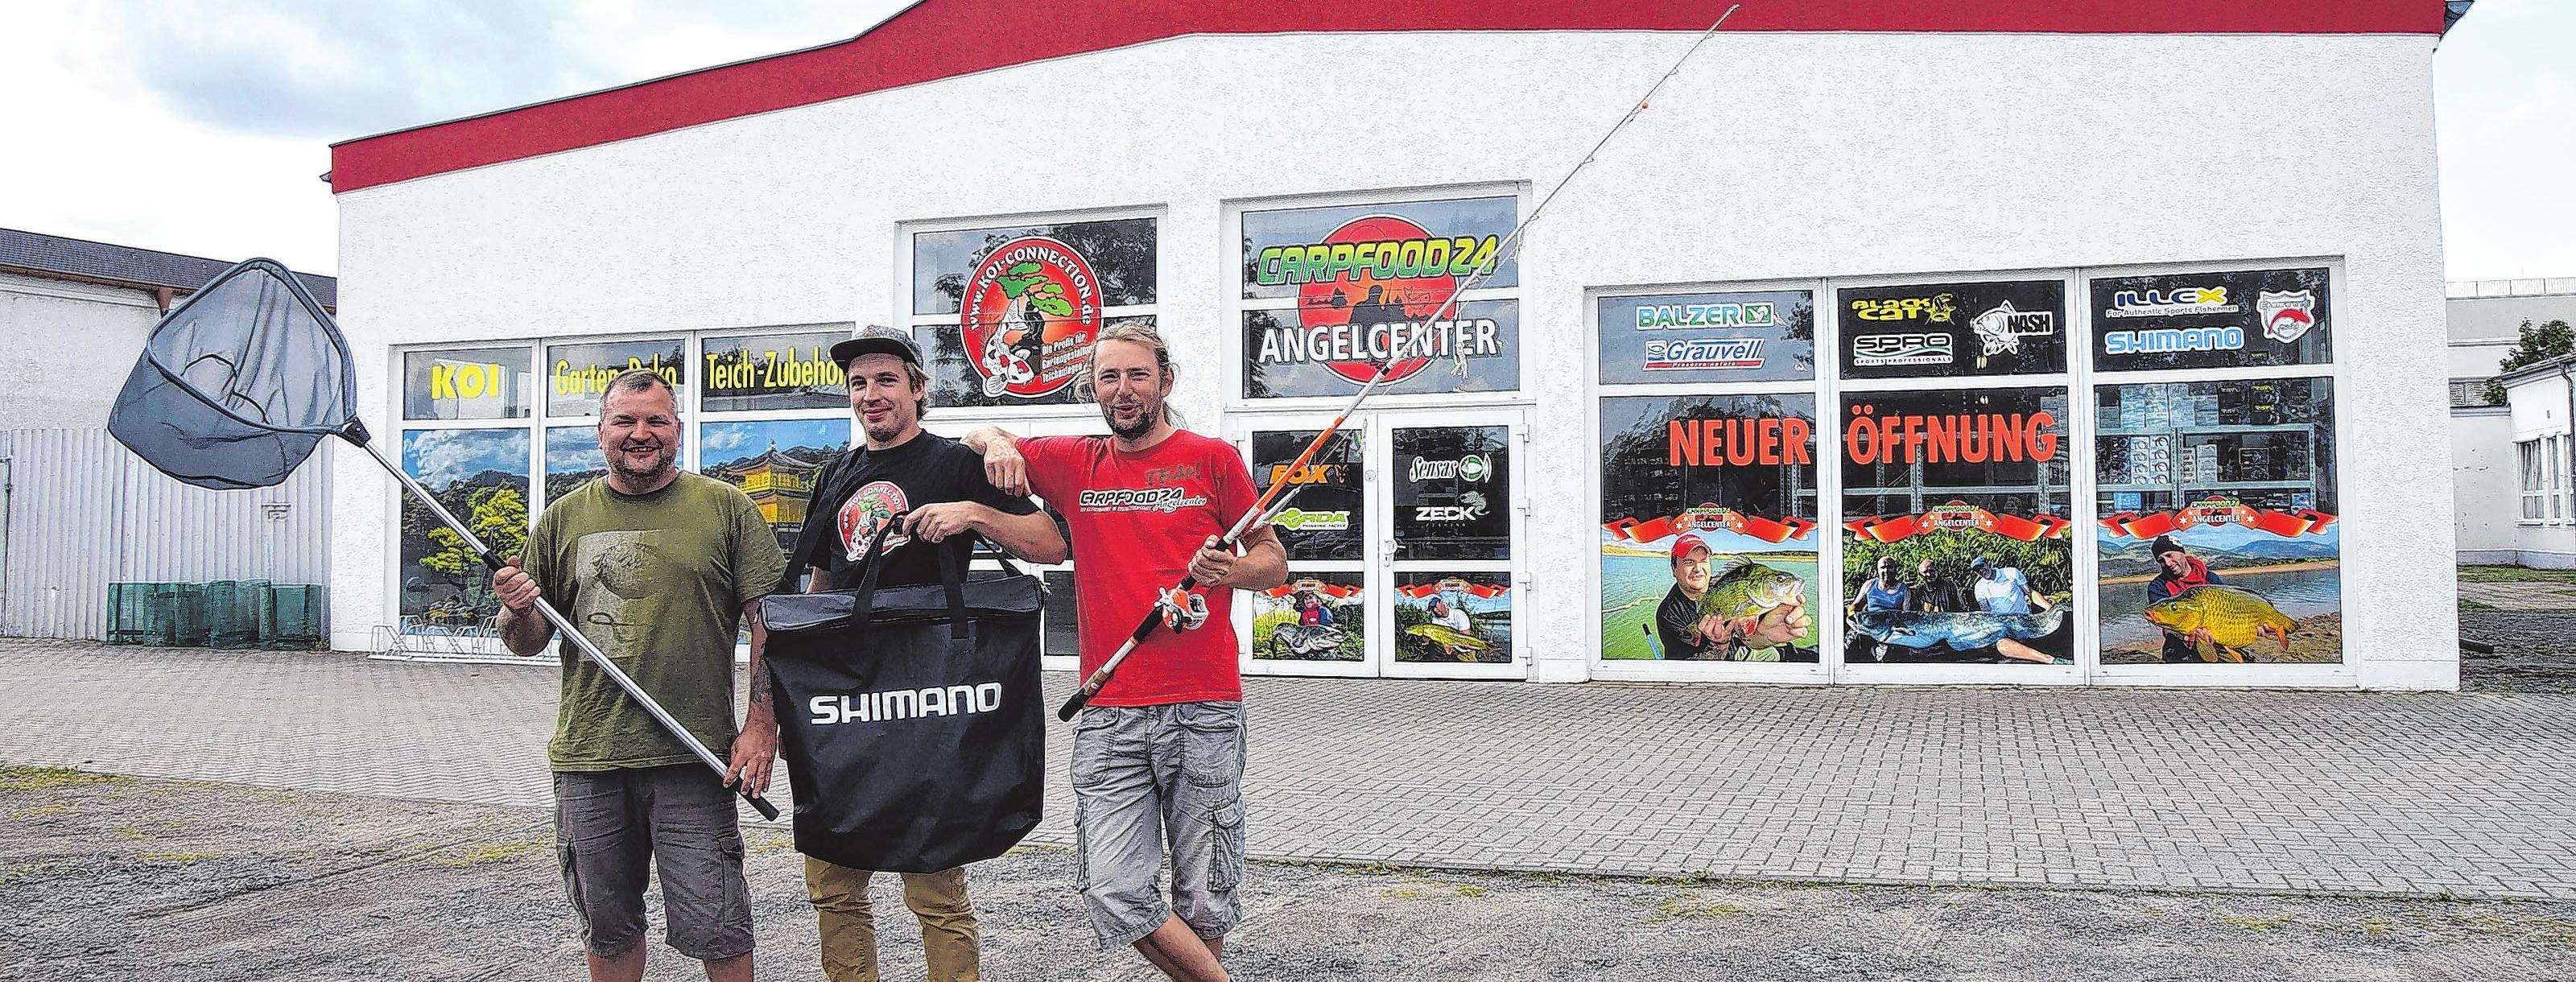 Geschäftsführer Ronny Laabs, Ulrich Räther und Lars Wernicke (v.l.) freuen sich auf die Neueröffnung.Foto: Reinhard Witteck